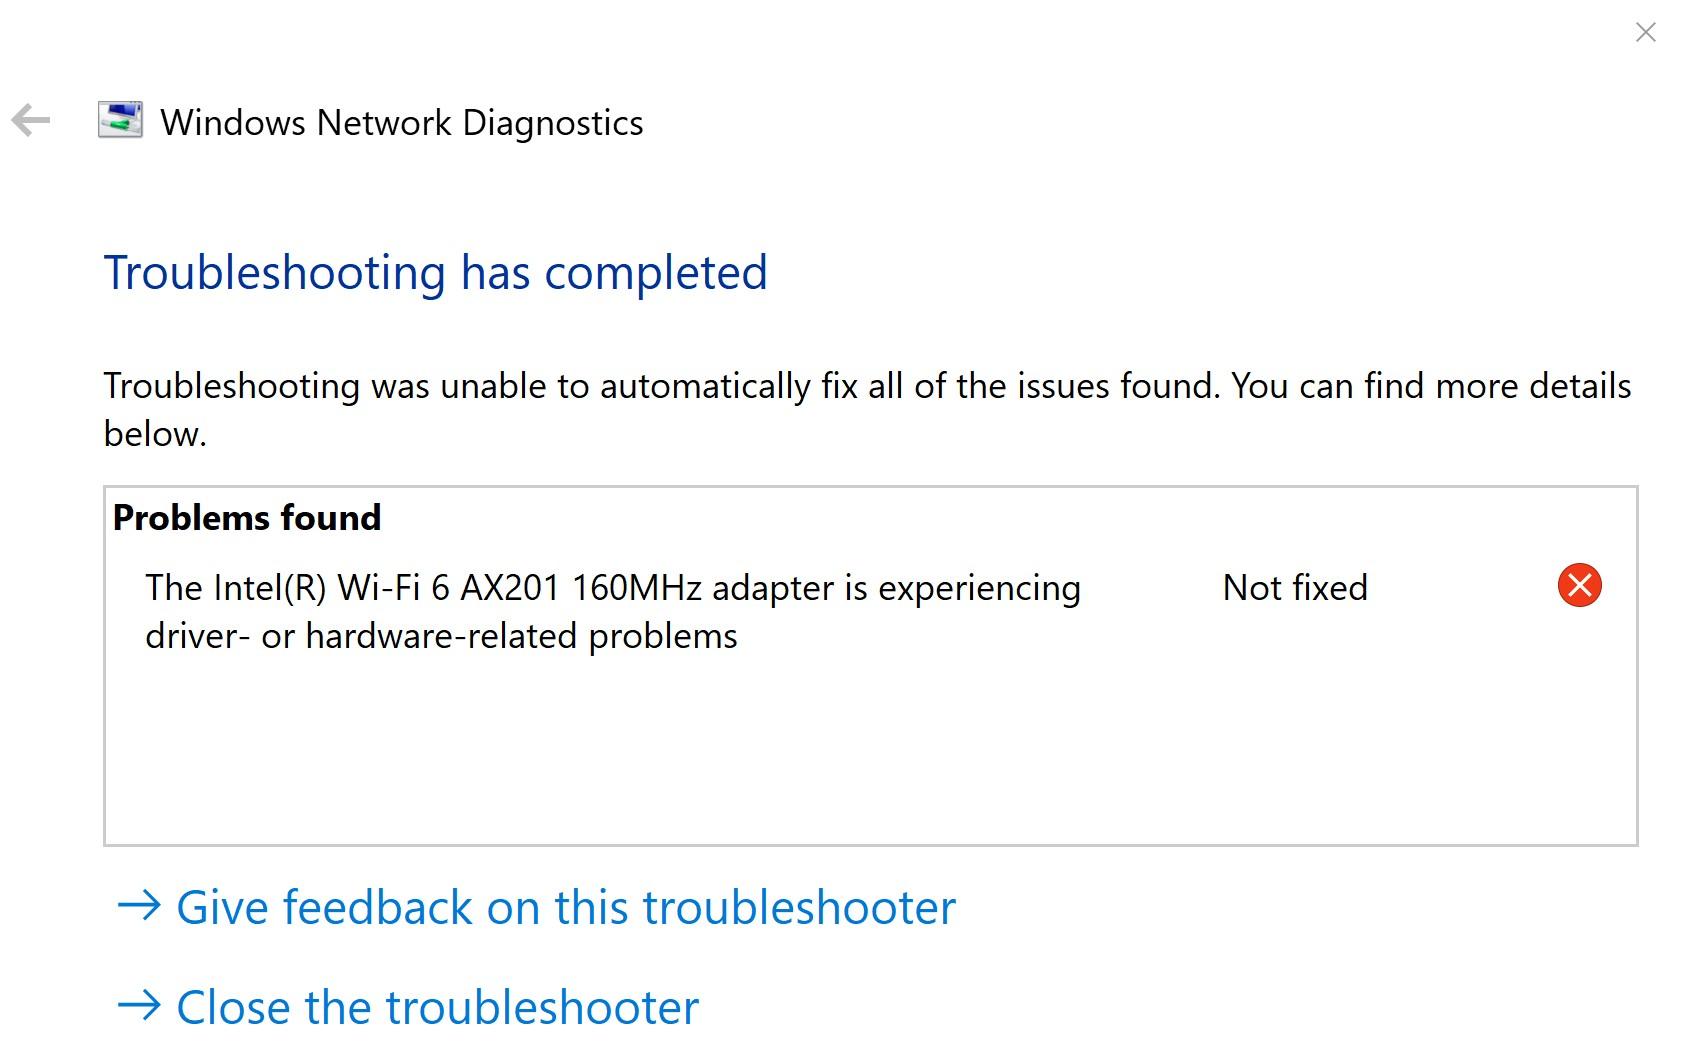 Intel WI FI 6 AX201 160 MHz Experiencing problems 5ac7480d-5d95-45aa-b368-c9e723d26b37?upload=true.jpg